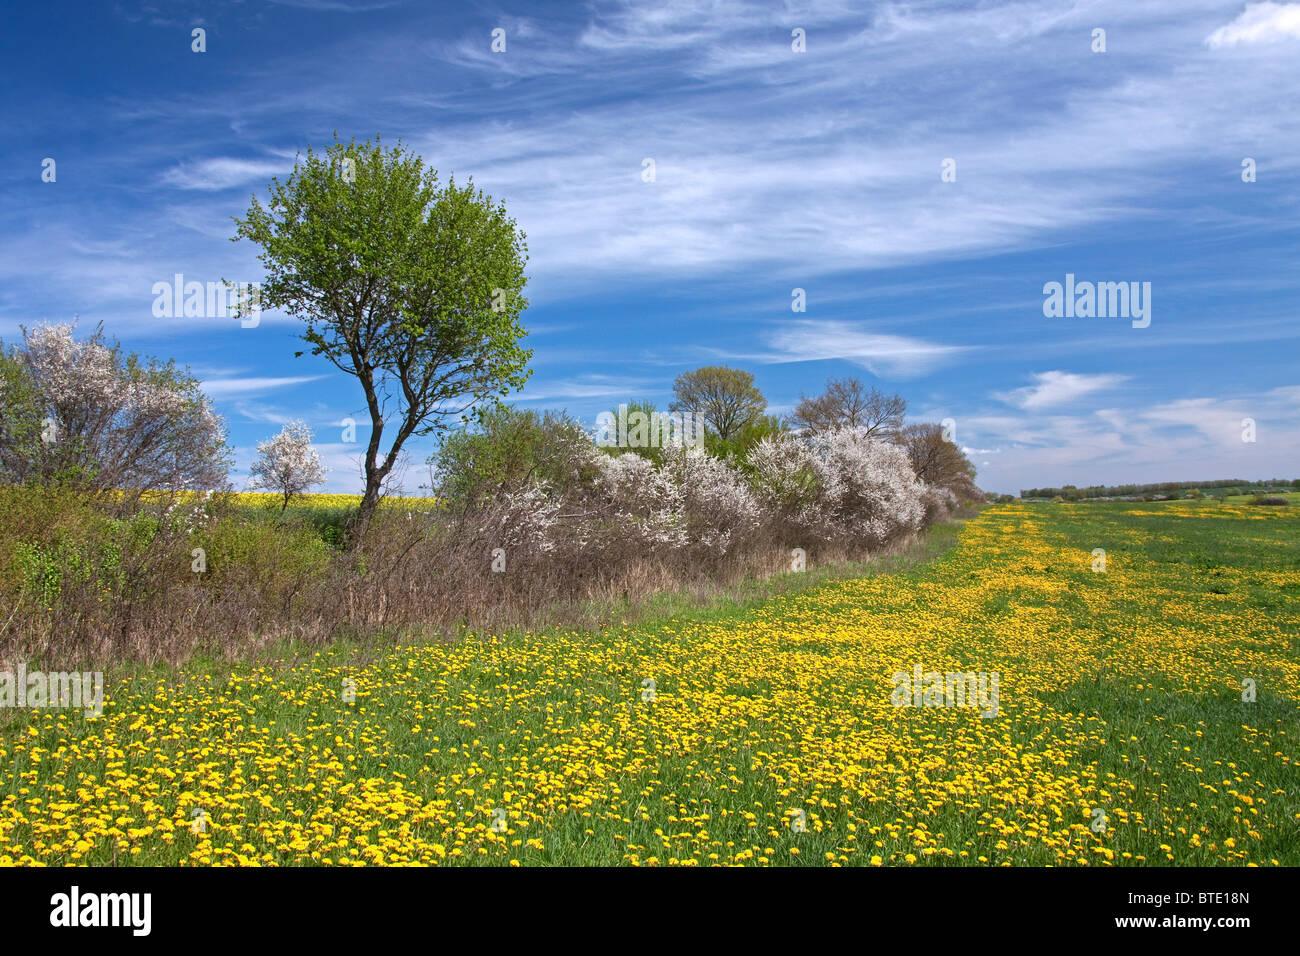 Hedge in spring with flowering Blackthorn / Sloe (Prunus spinosa) and Dandelions (Taraxacum officinale) in field, - Stock Image